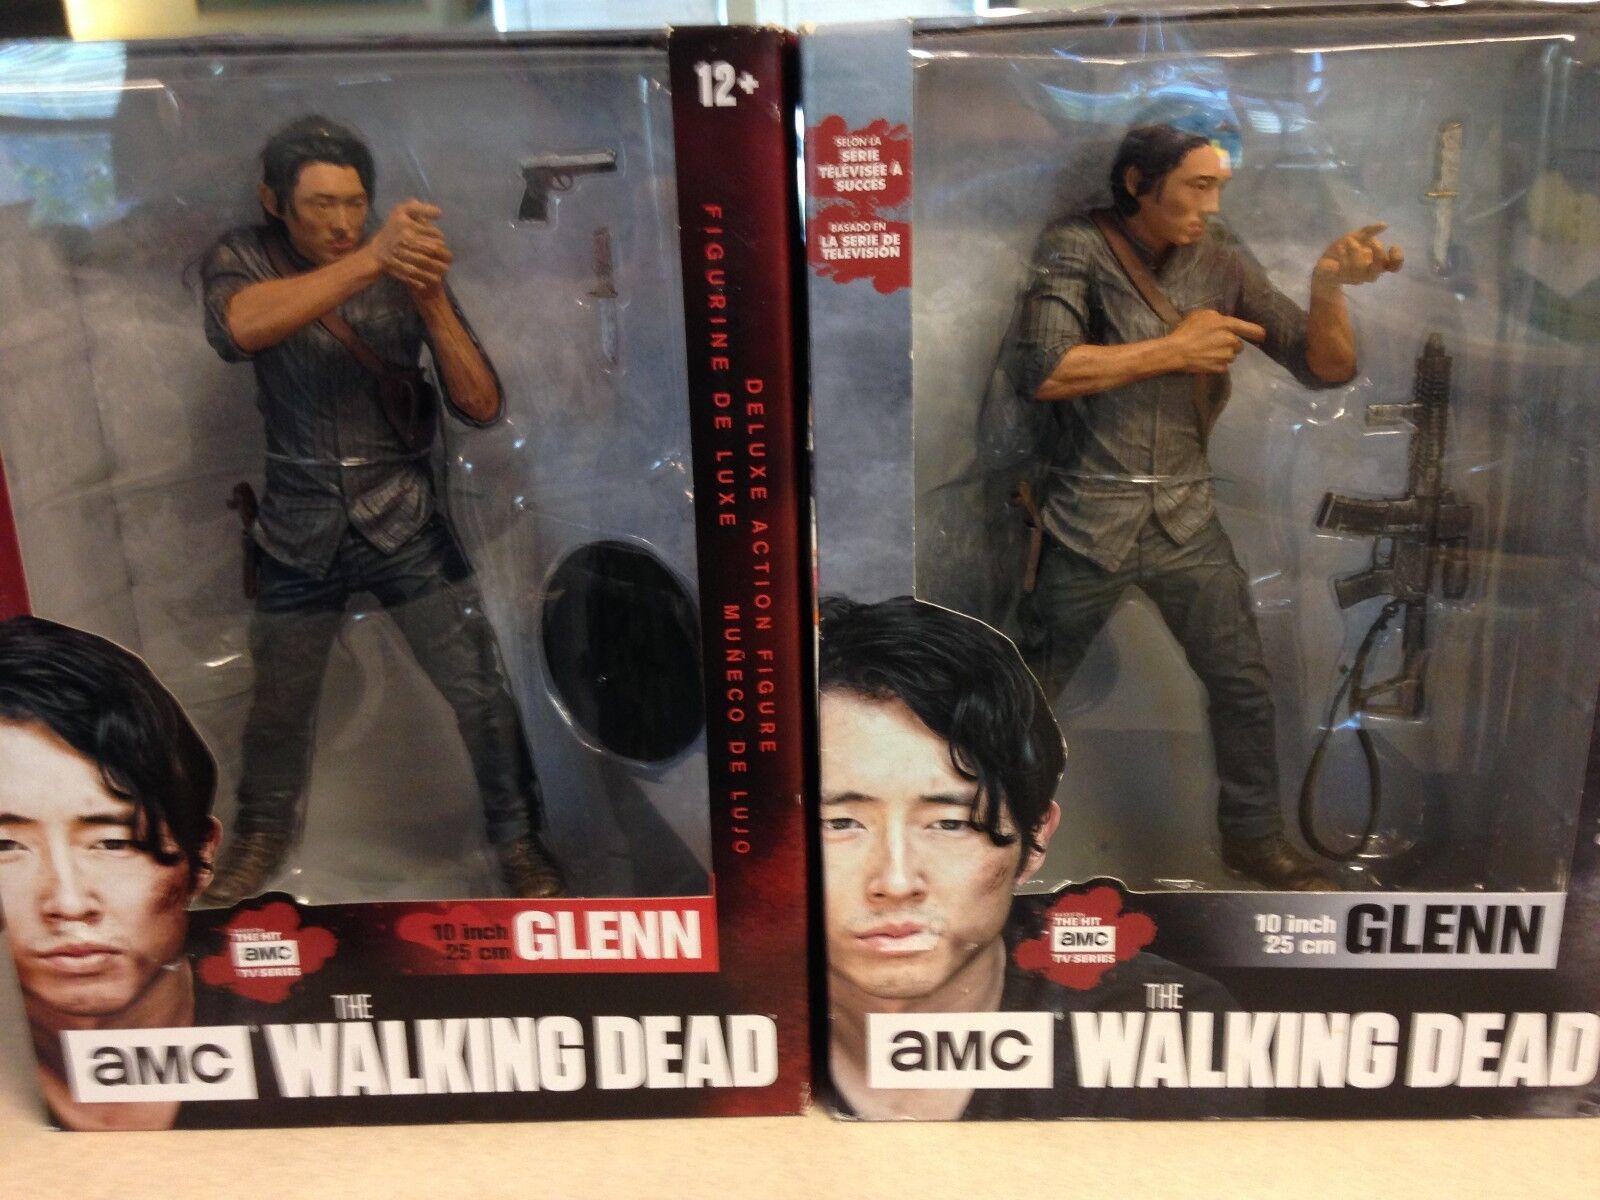 The Walking Dead 10  Glenn Figures  Two Glenn's  New